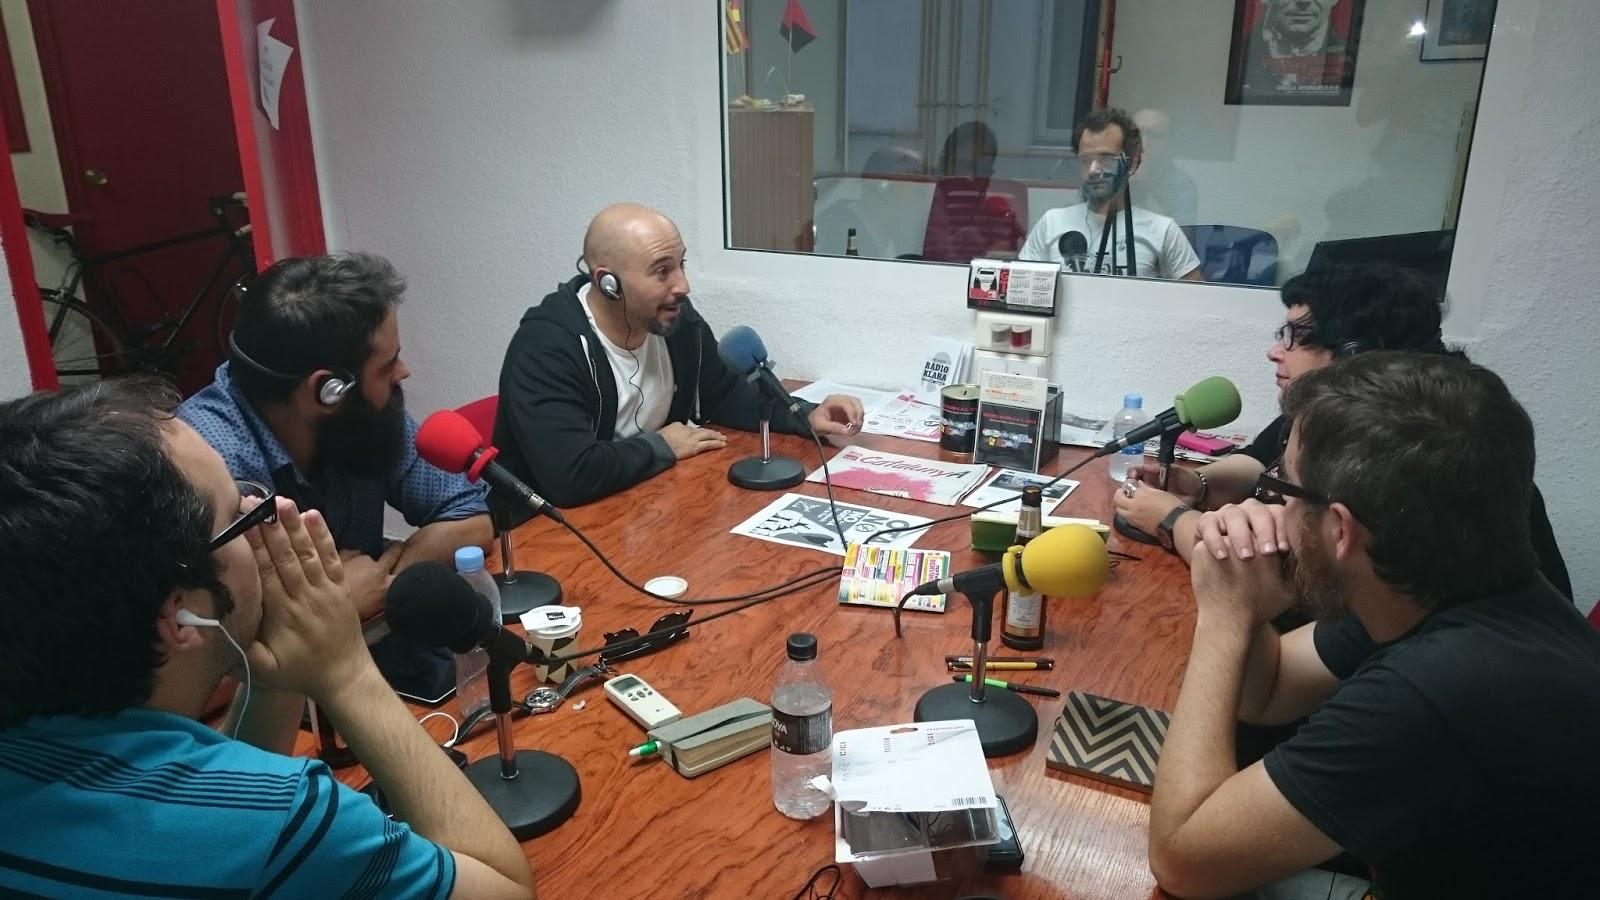 Emilio Marti RadioKlara Seccion Aurea.JPG